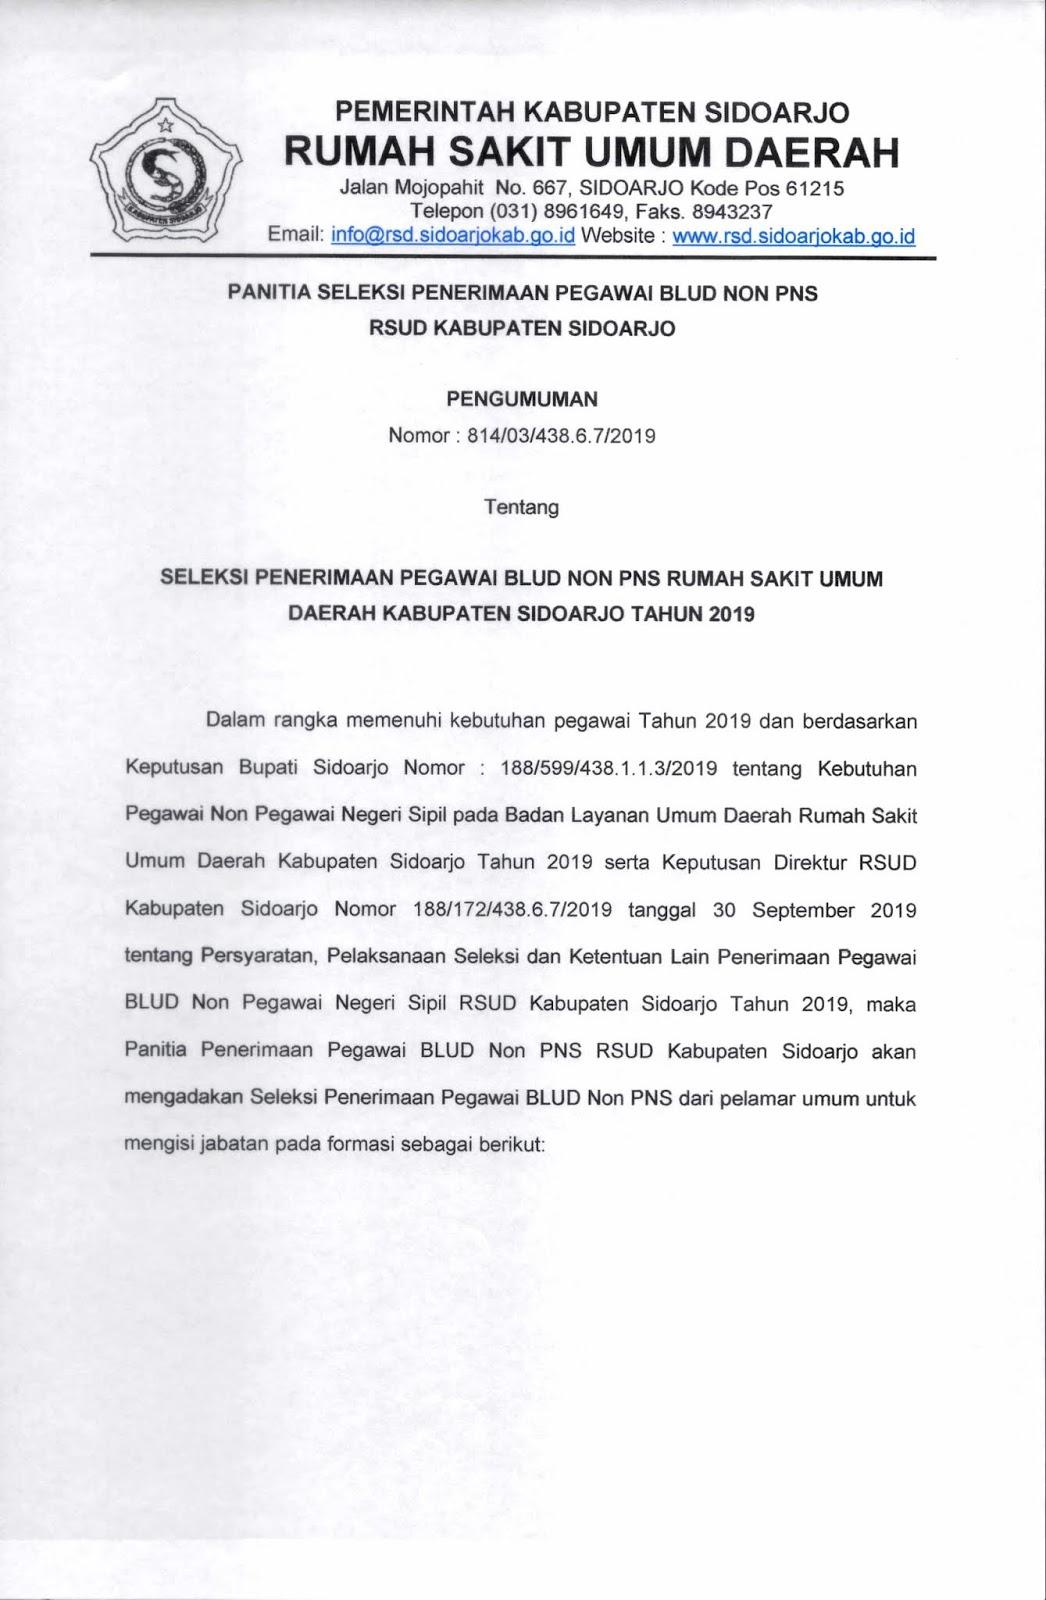 Penerimaan Tenaga Non PNS BLUD Rumah Sakit Umum Daerah Kabupaten Sidoarjo